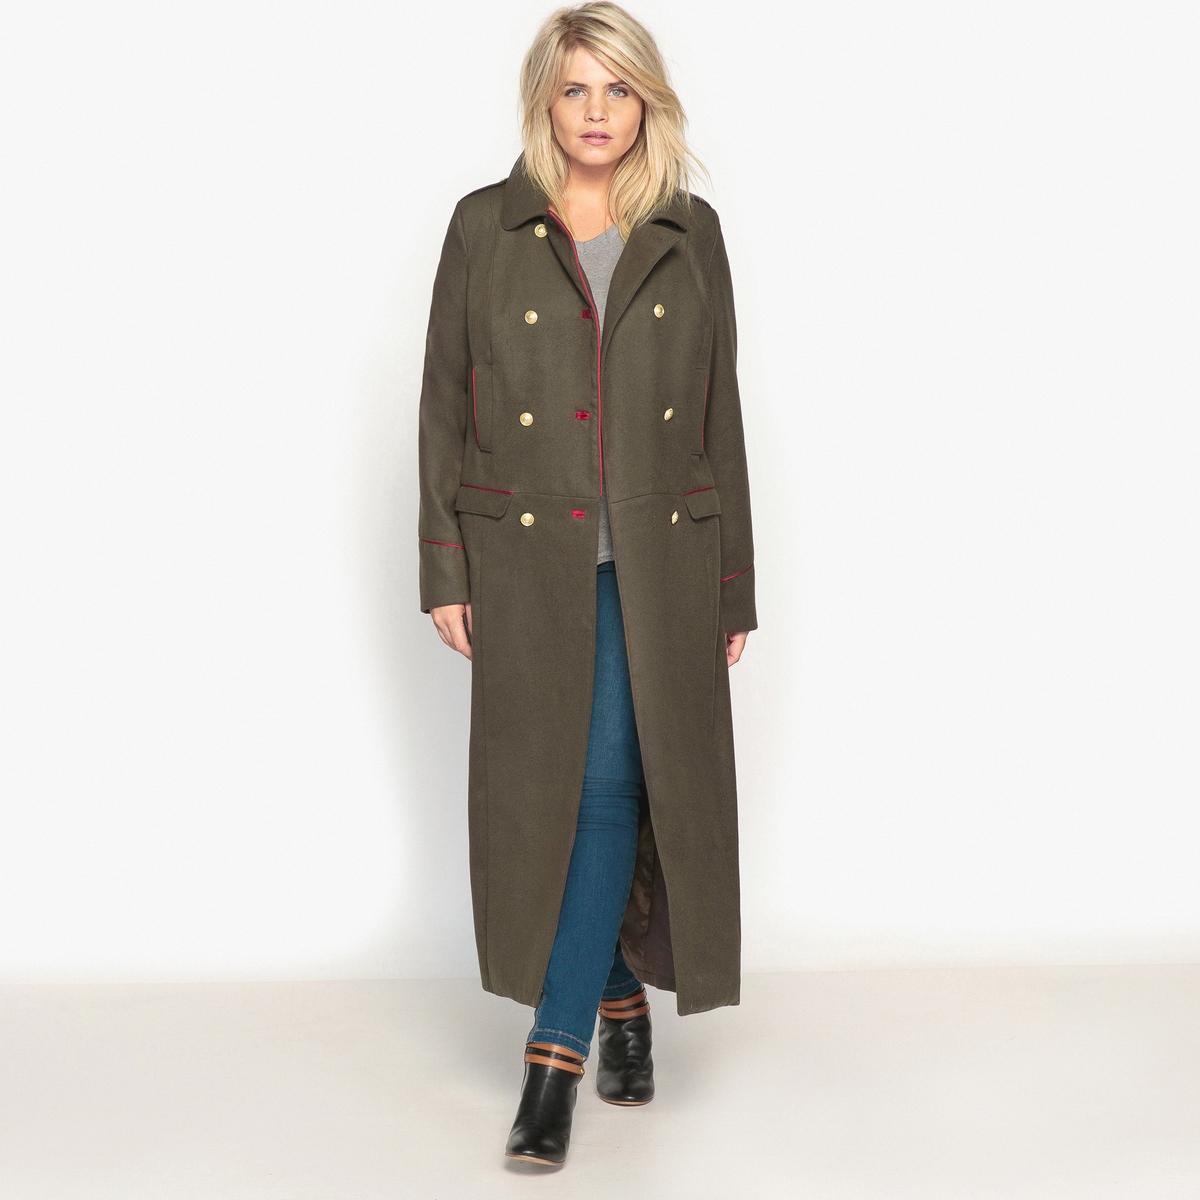 Пальто длинное в стиле милитариОписание:С великолепным пальто в стиле милитари Вы будете готовы к наступлению зимних холодов. Не выходящий из моды стиль милитари, длинный покрой.Детали  •  Длина : удлиненная модель •  Воротник-поло, рубашечный  • Застежка на пуговицыСостав и уход  •  10% вискозы, 2% эластана, 88% полиэстера •  Подкладка : 100% полиэстер • Не стирать •  Деликатная сухая чистка / не отбеливать •  Не использовать барабанную сушку •  Низкая температура глажкиТовар из коллекции больших размеров •  Пальто в стиле милитари с двубортной застежкой на пуговицы. •  Контрастная отделка красной бейкой. •  4 кармана.<br><br>Цвет: хаки темный<br>Размер: 50 (FR) - 56 (RUS)